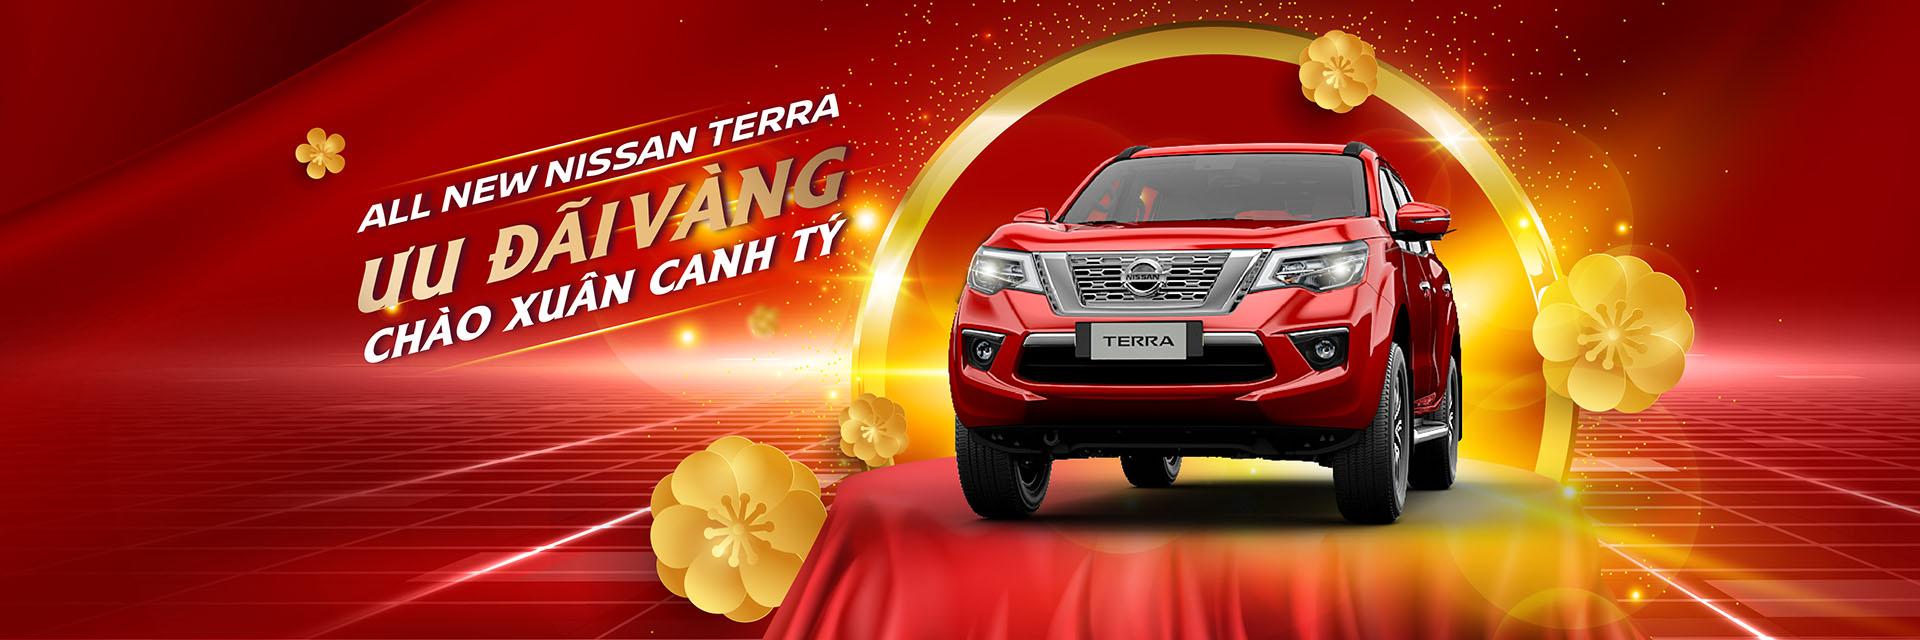 Nissan Terra 2020 SUV Mạnh Mẽ , Trang Bị Vượt Trội, Nhập Khẩu Thái Lan